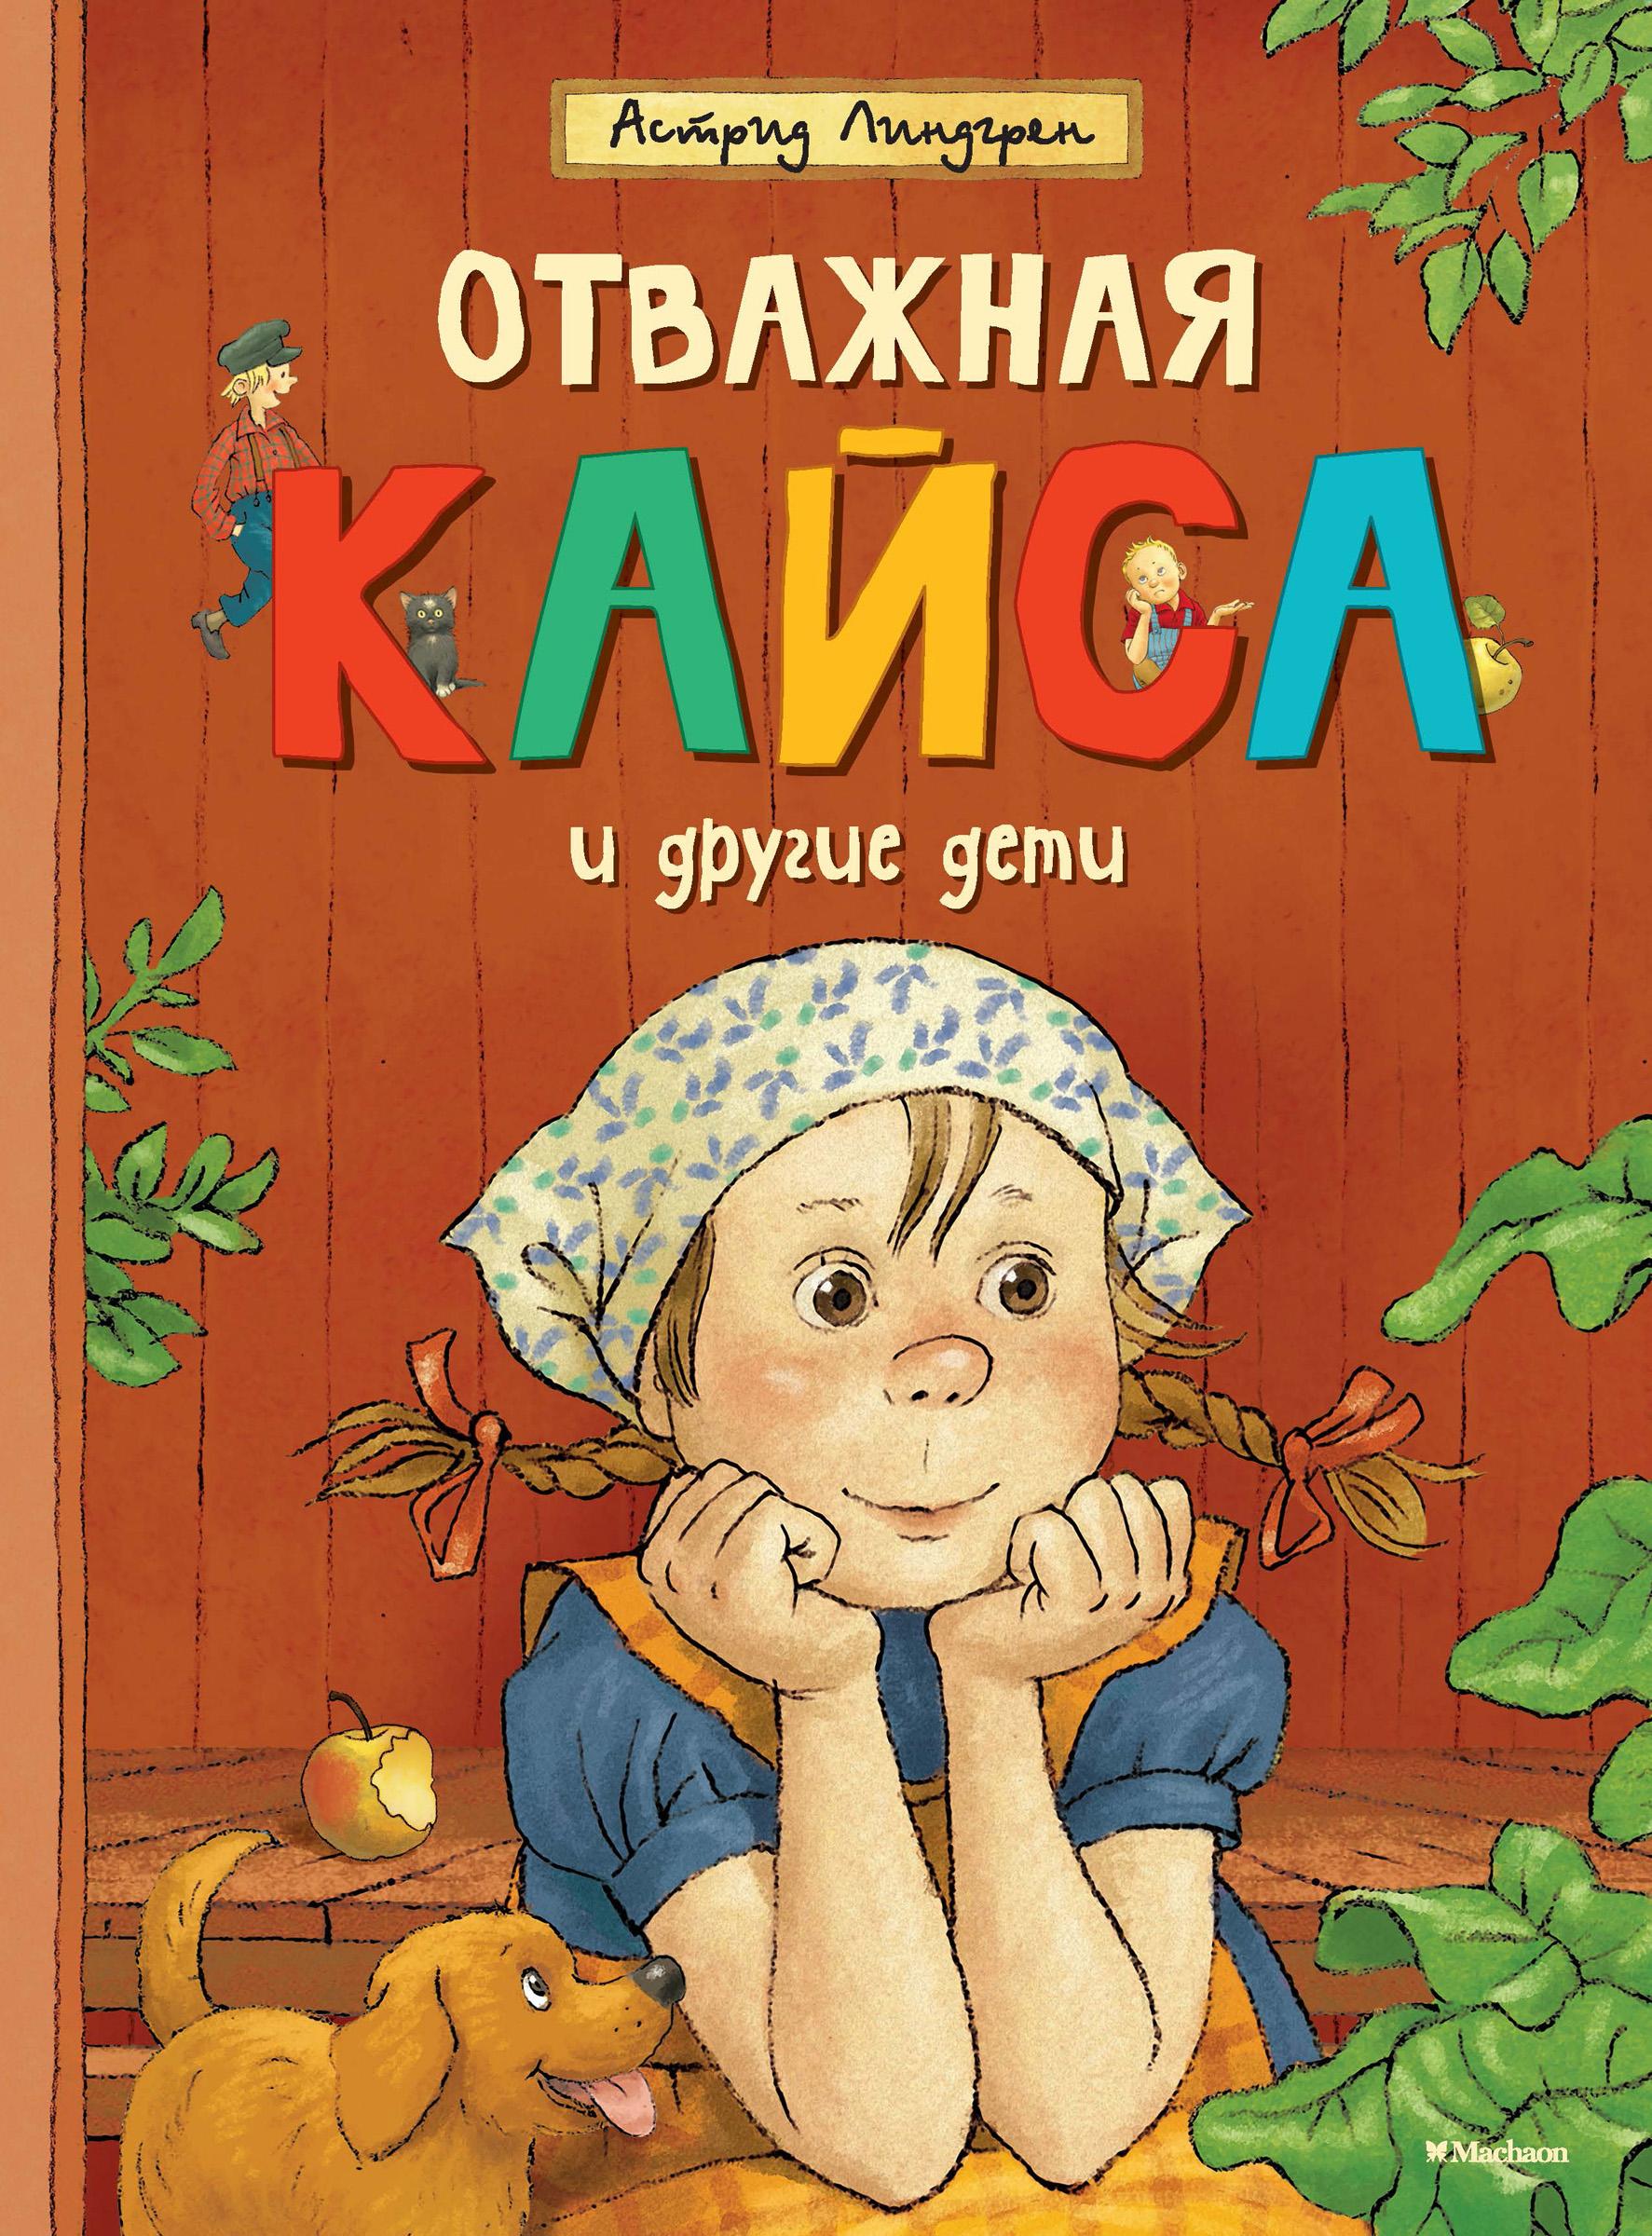 Отважная Кайса и другие дети (сборник)